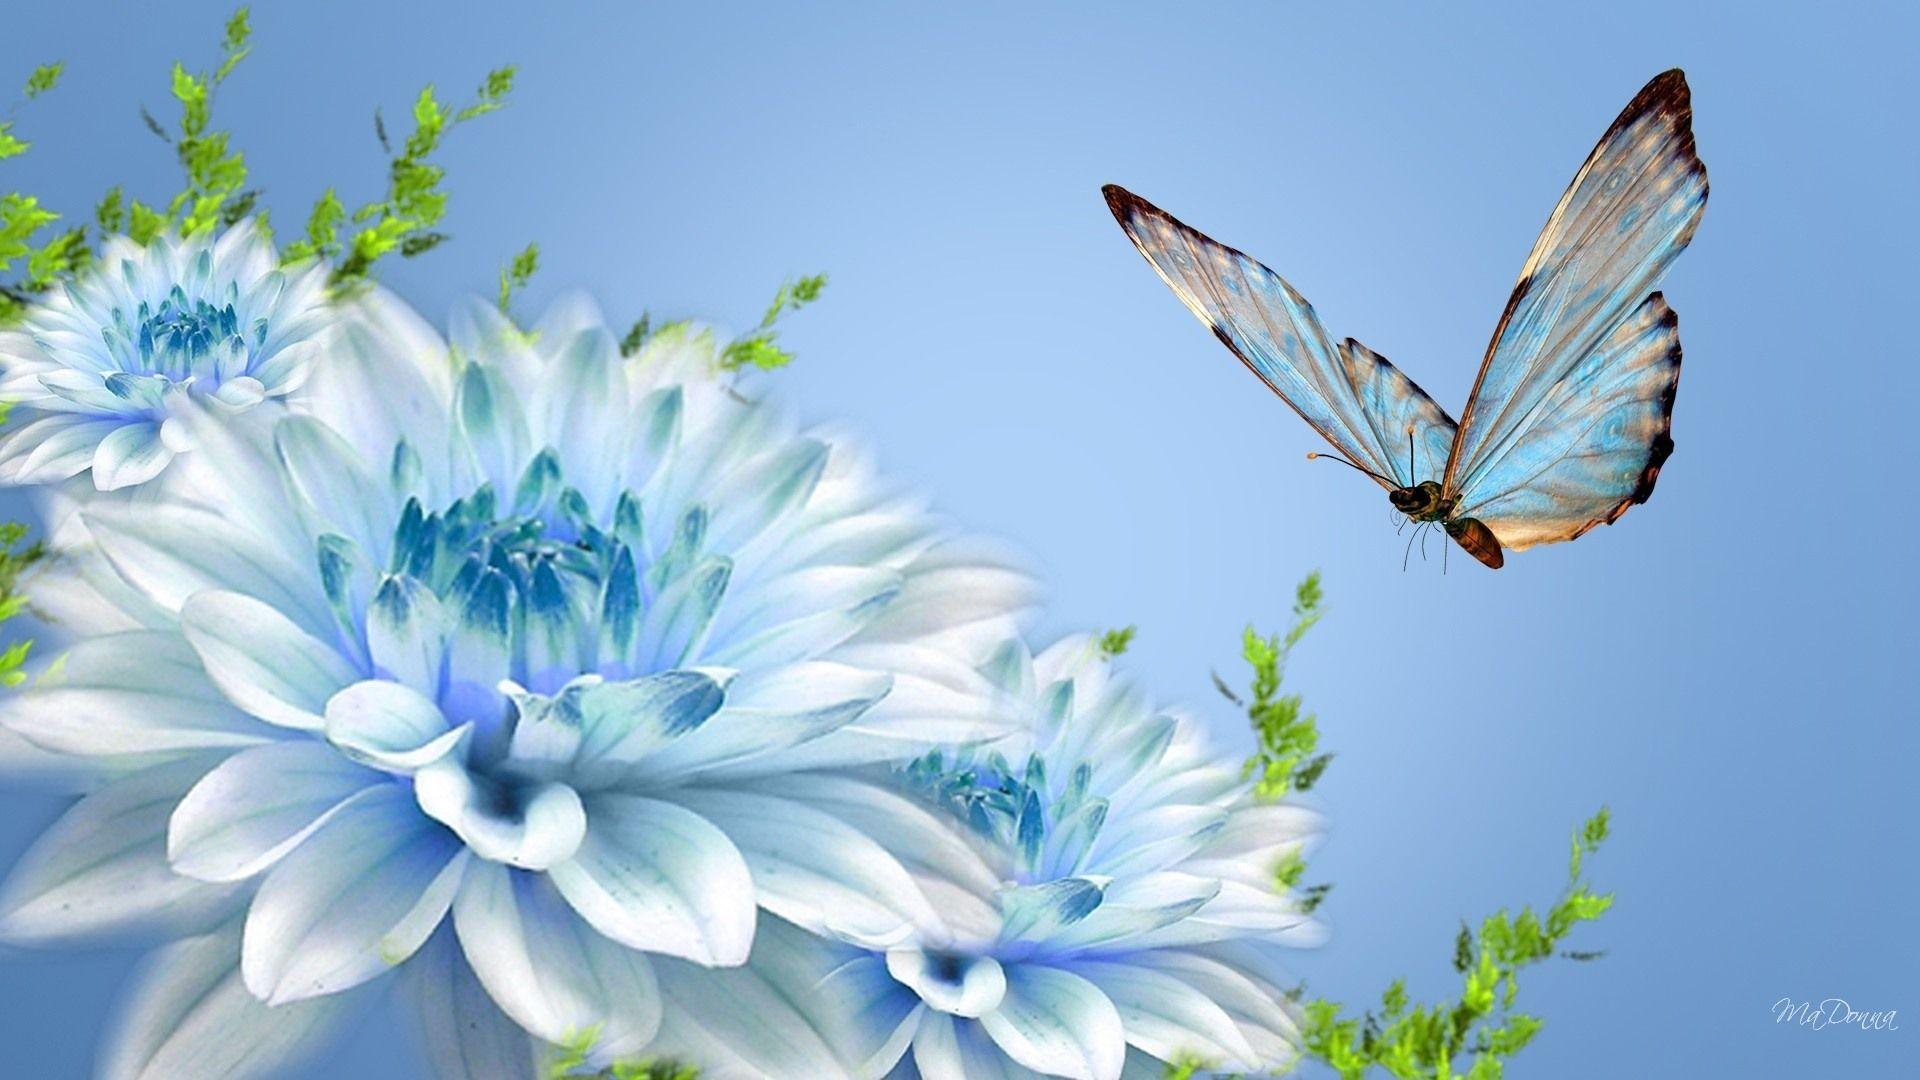 3d Butterfly Wallpaper 3d Wallpaper Desktop Butterfly Hd Wallpaper Plastic Butterflies Blue Flower Wallpaper Wallpaper Nature Flowers Butterfly Wallpaper